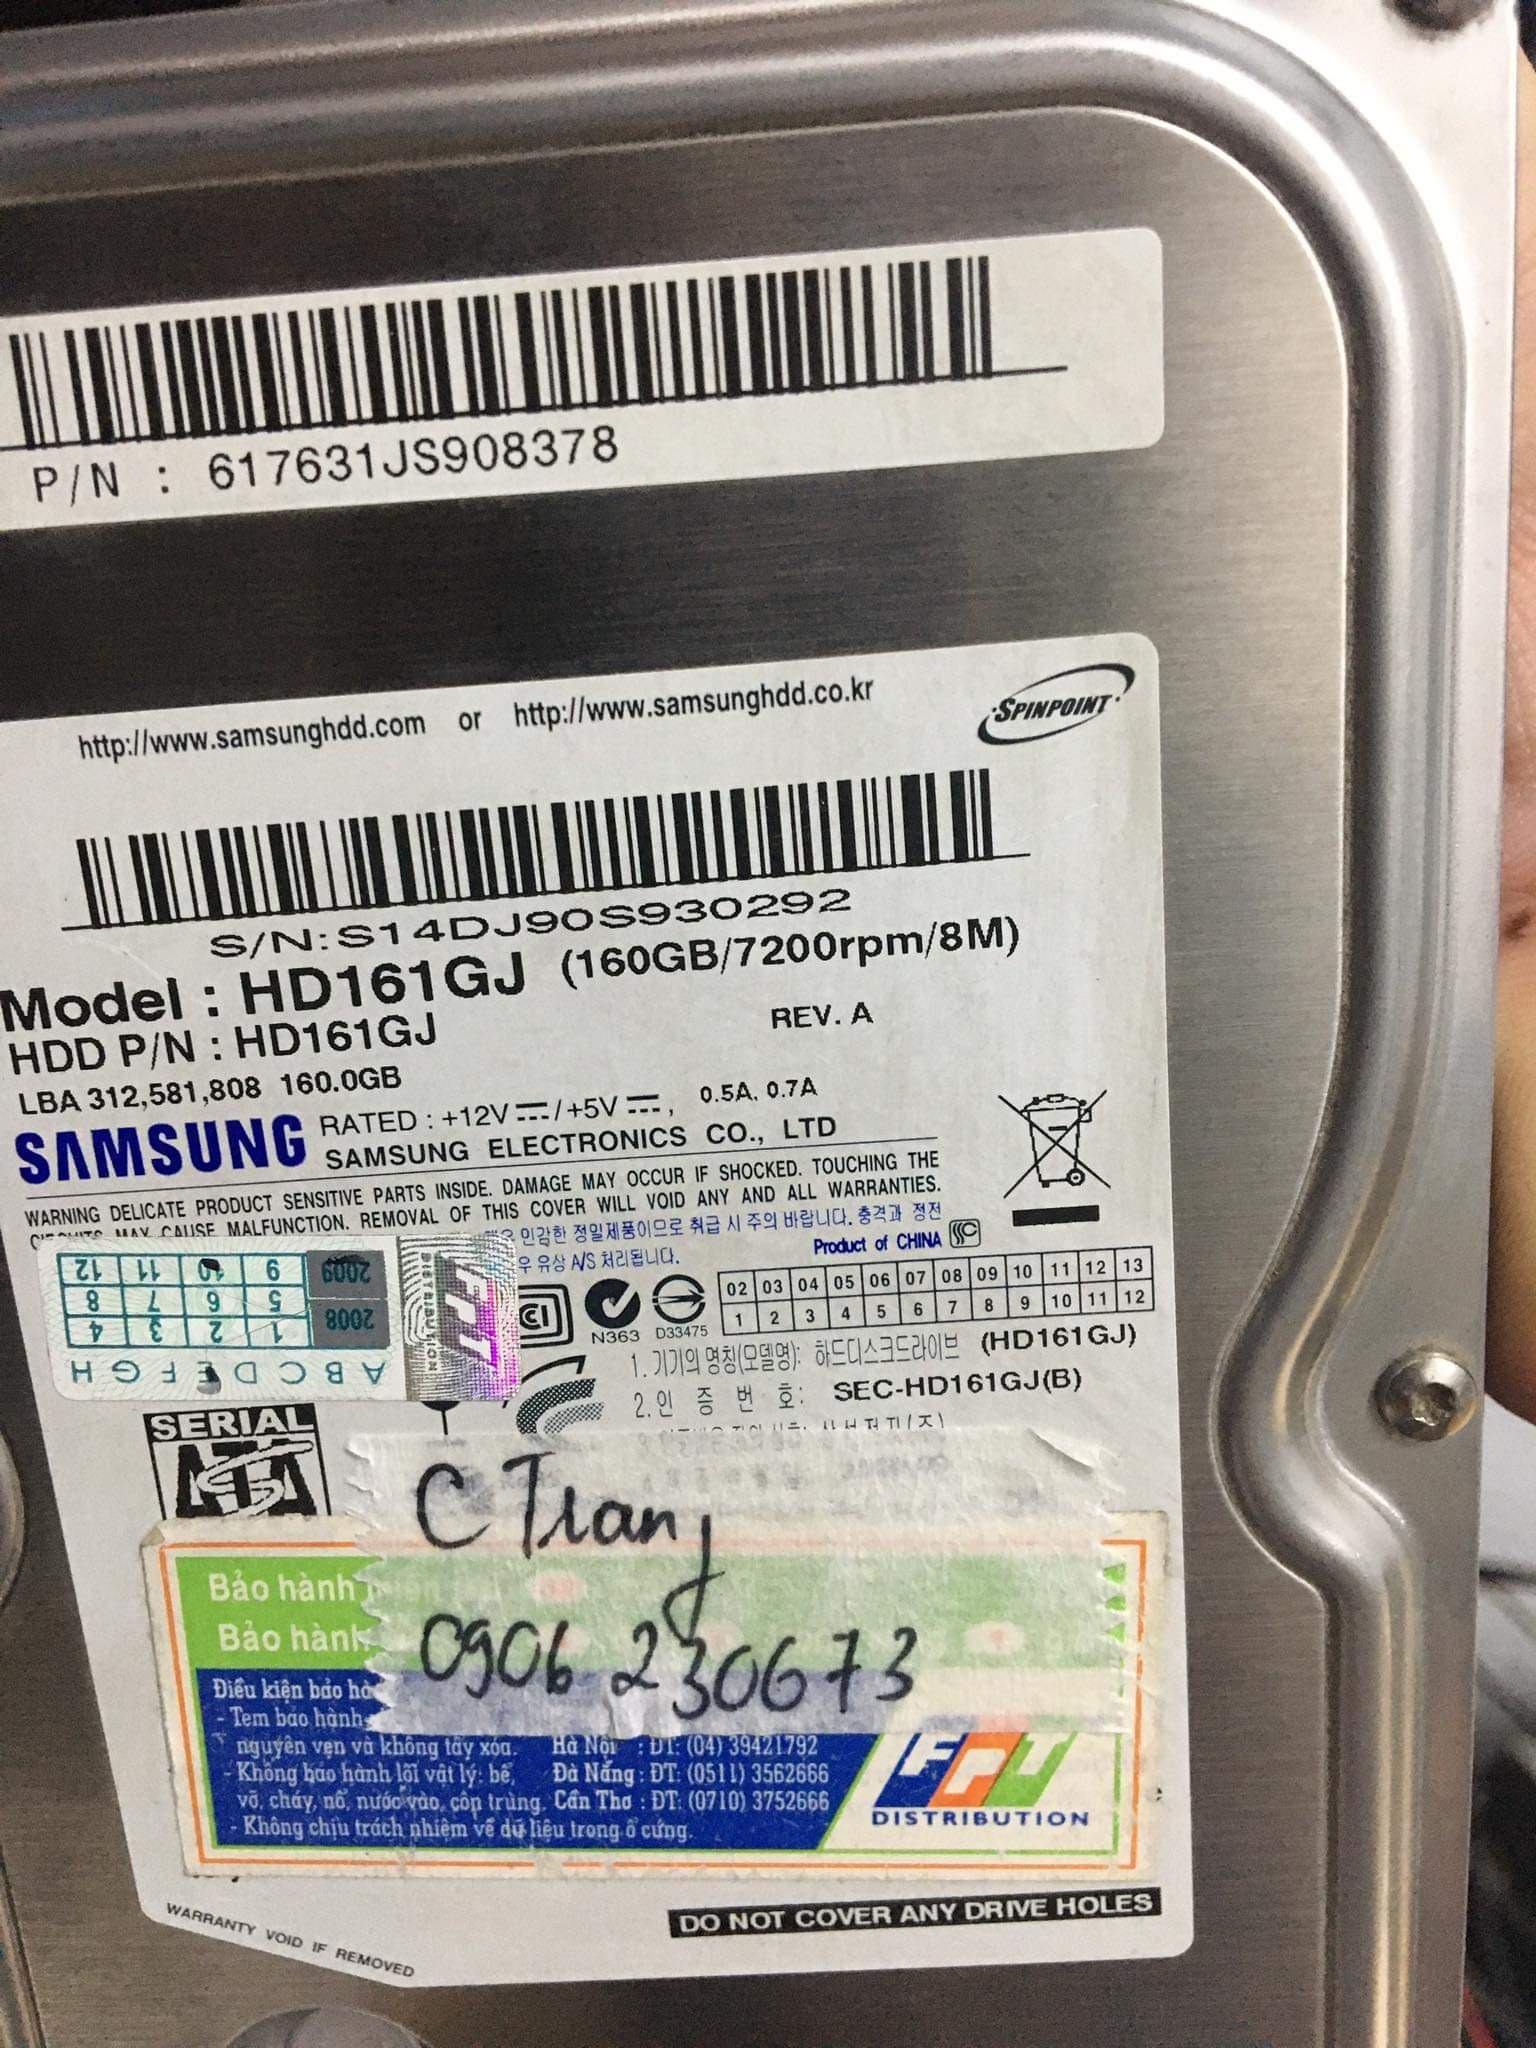 Phục hồi dữ liệu ổ cứng Samsung 160GB không nhận 17/10/2020 - cuumaytinh